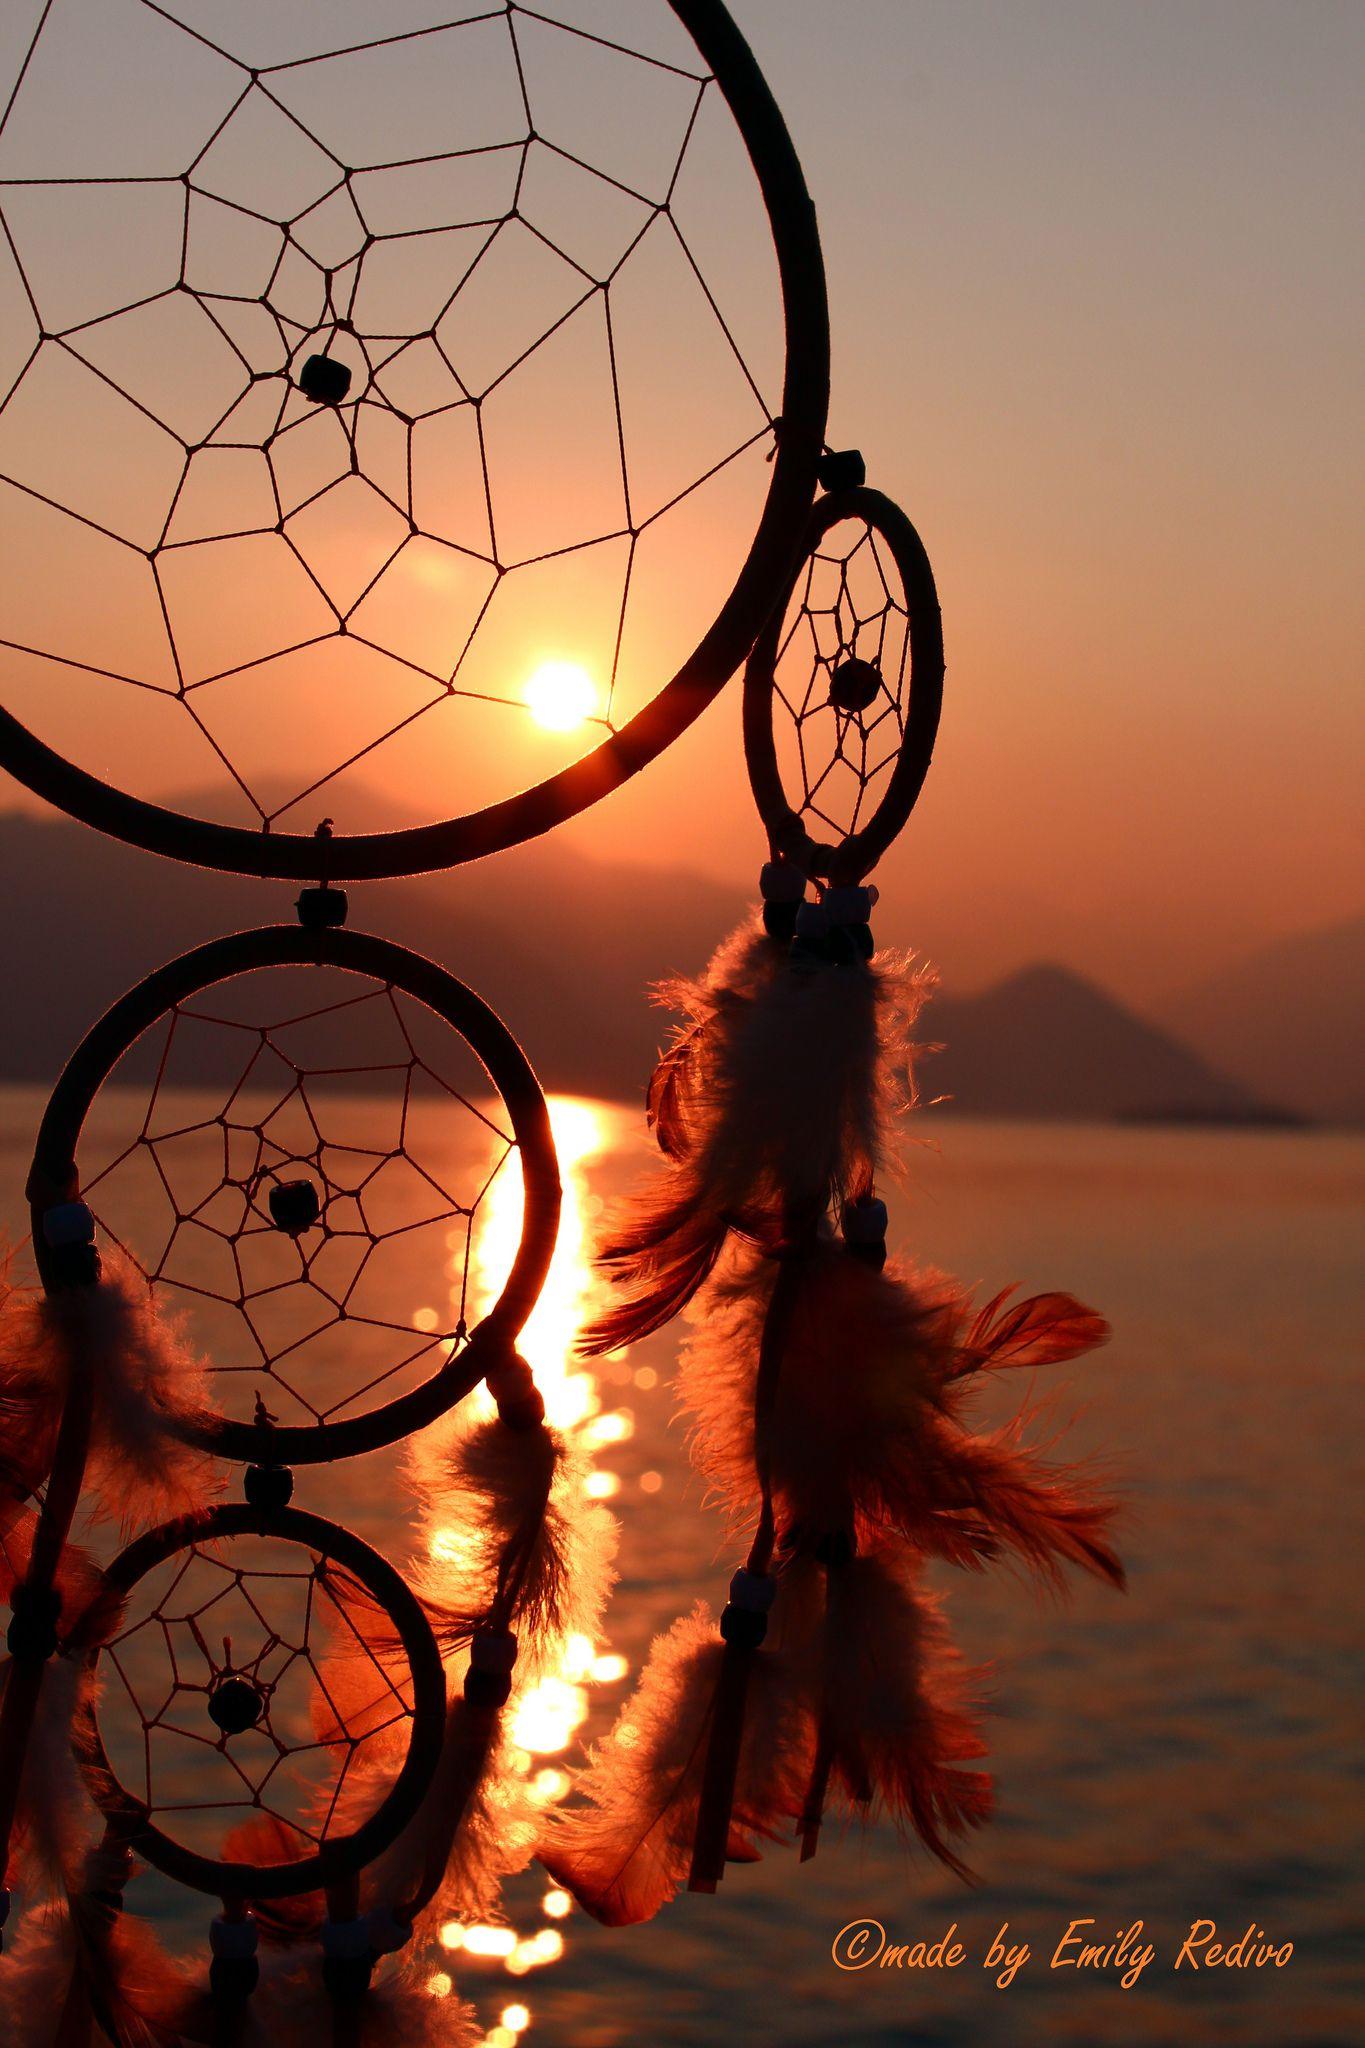 легенды гласят, ловец солнца фото закаты наверное проснулся, чтобы